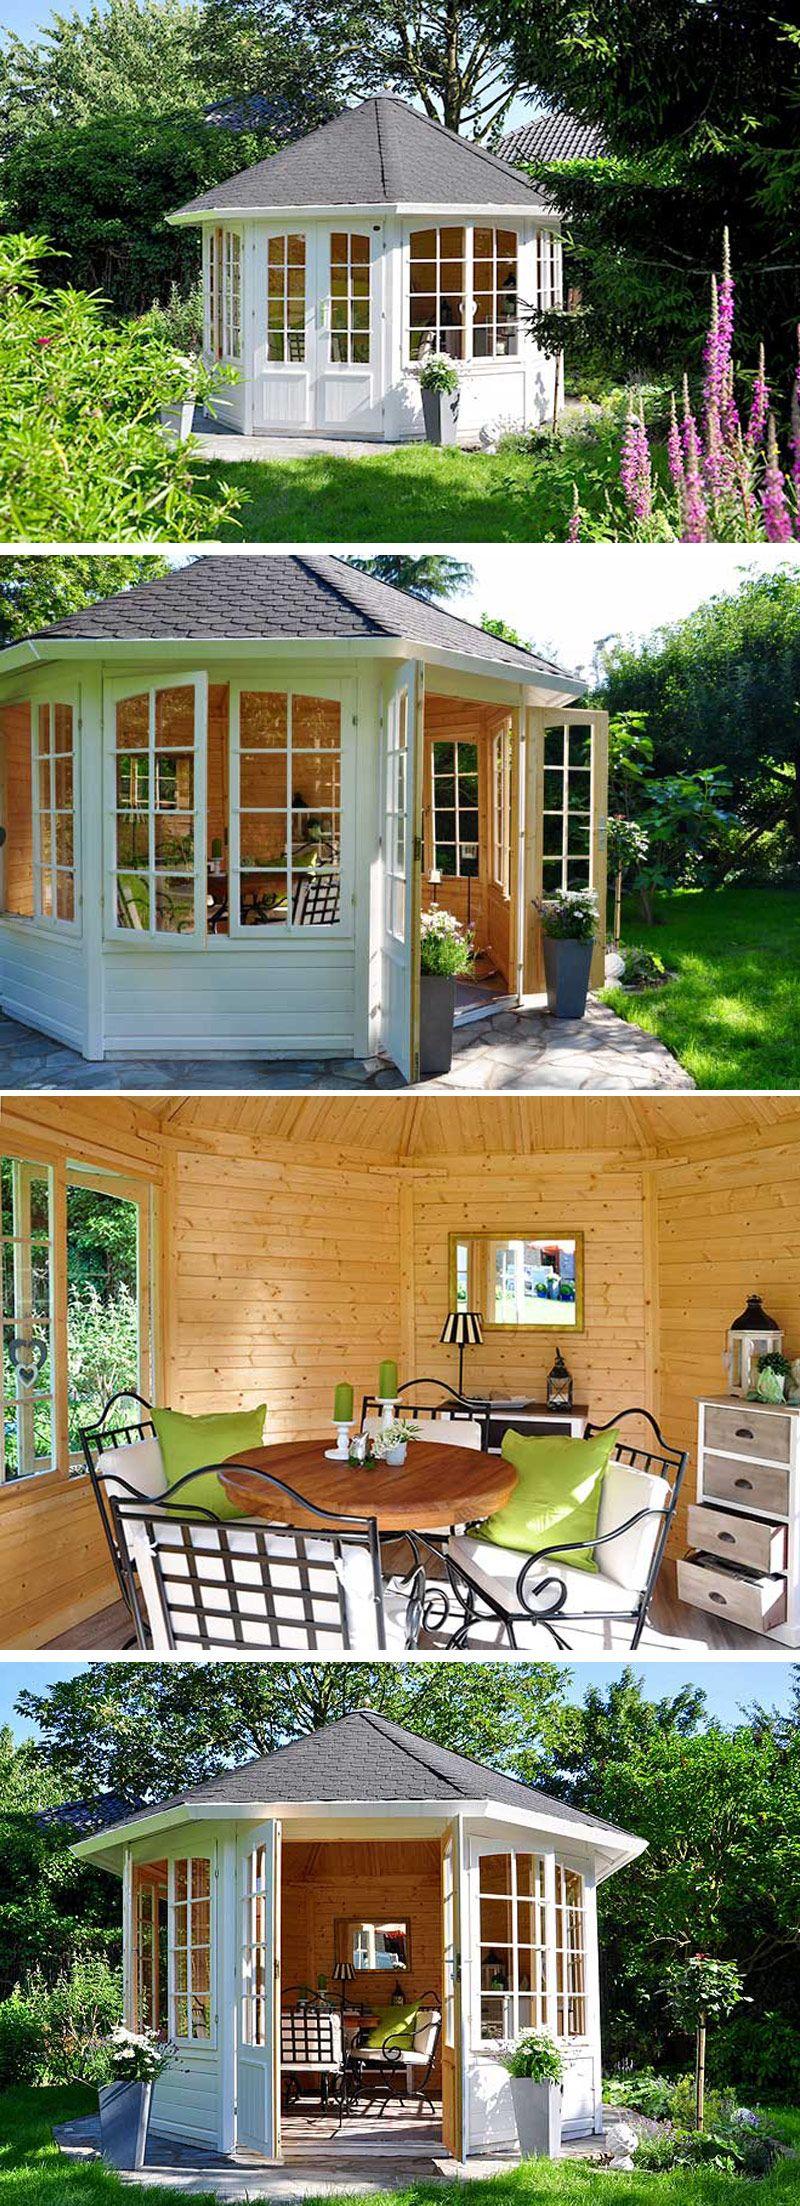 der gartenpavillon emma eine aufbaugeschichte fotostory die besten kundenprojekte. Black Bedroom Furniture Sets. Home Design Ideas